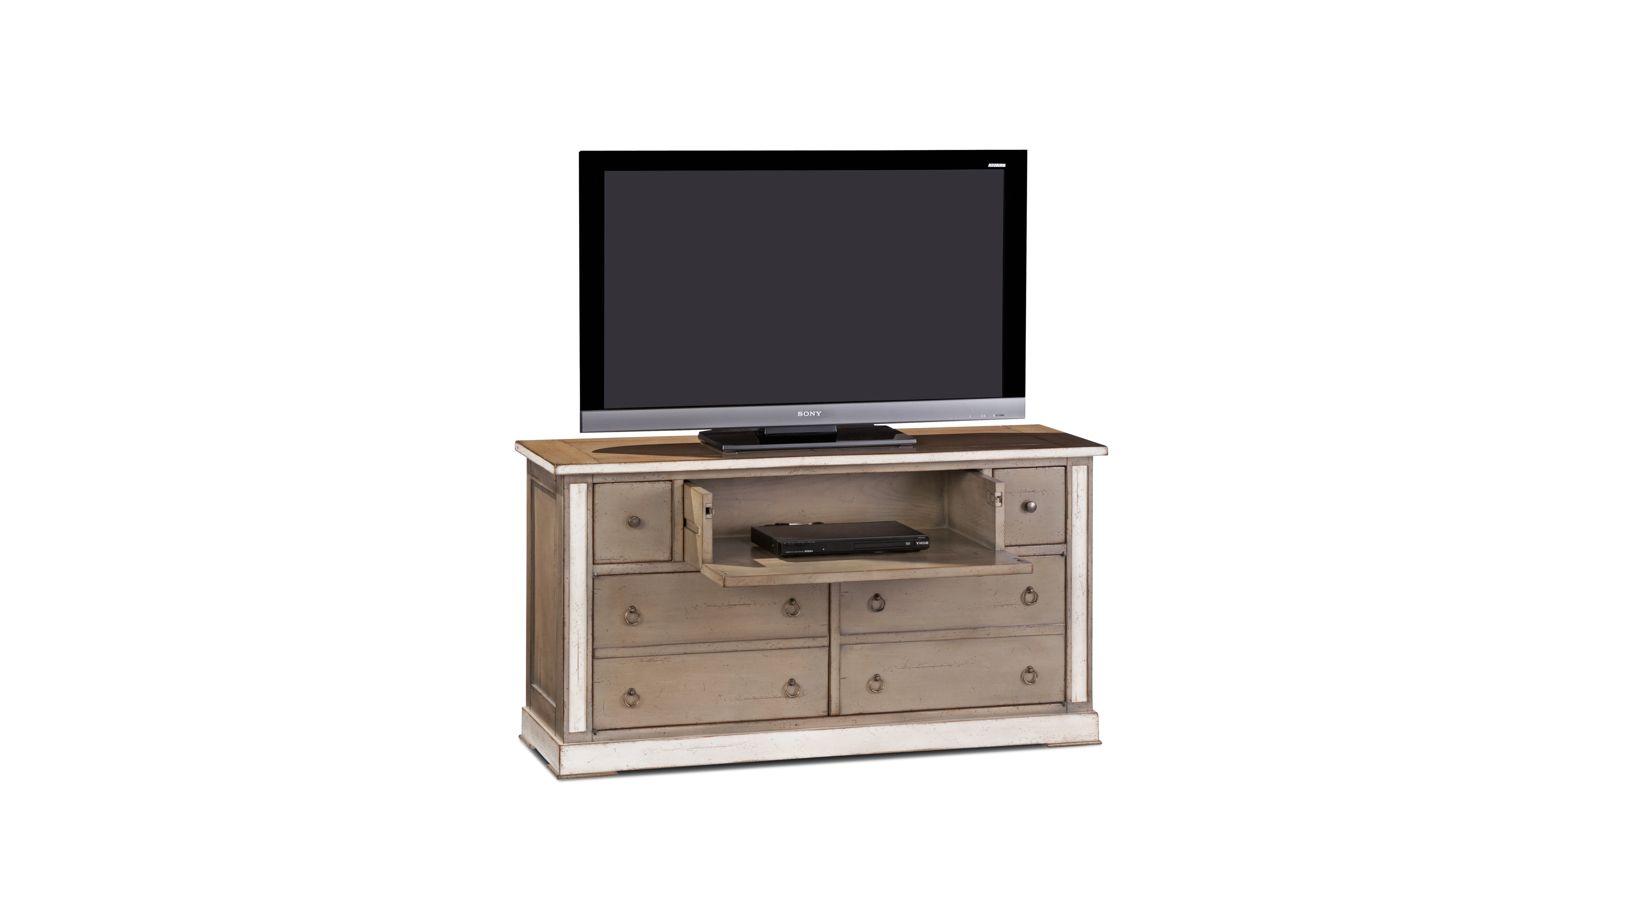 Meuble tv hauteville collection nouveaux classiques roche bobois - Roche bobois meuble tv ...